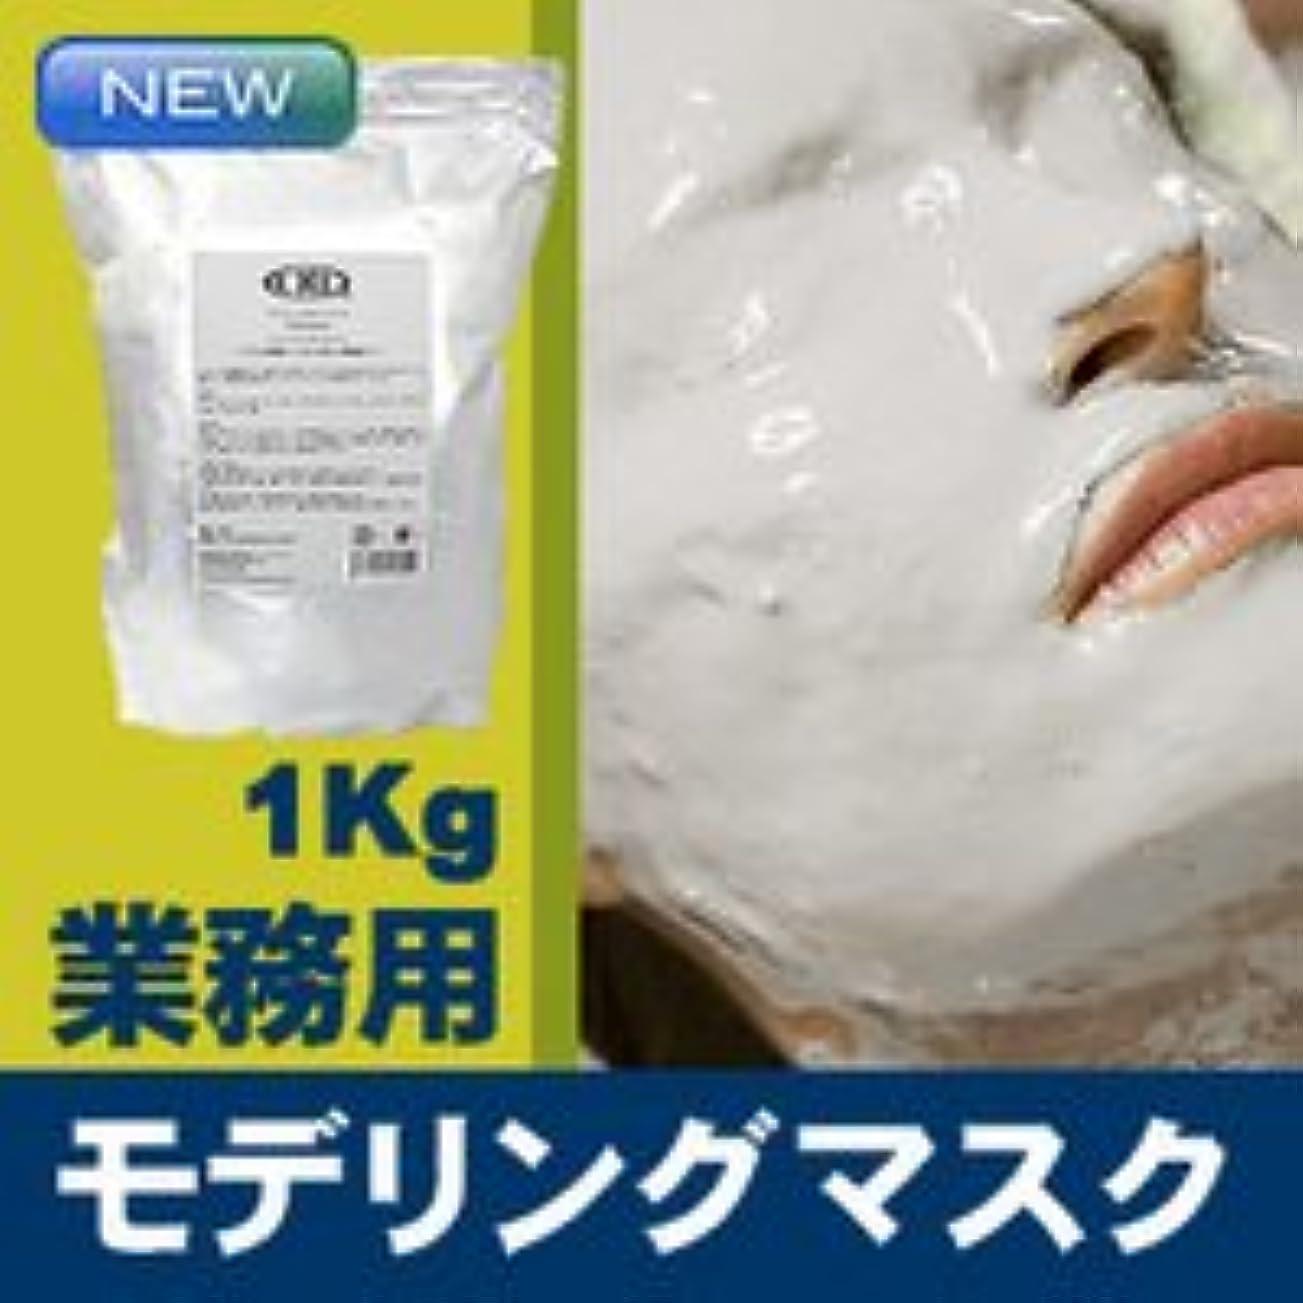 賞賛ポップ始めるモデリングマスク 1Kg 18種類のアミノ酸配合(シャイニングシルバー) / フェイスマスク?パック 【ピールオフマスク】